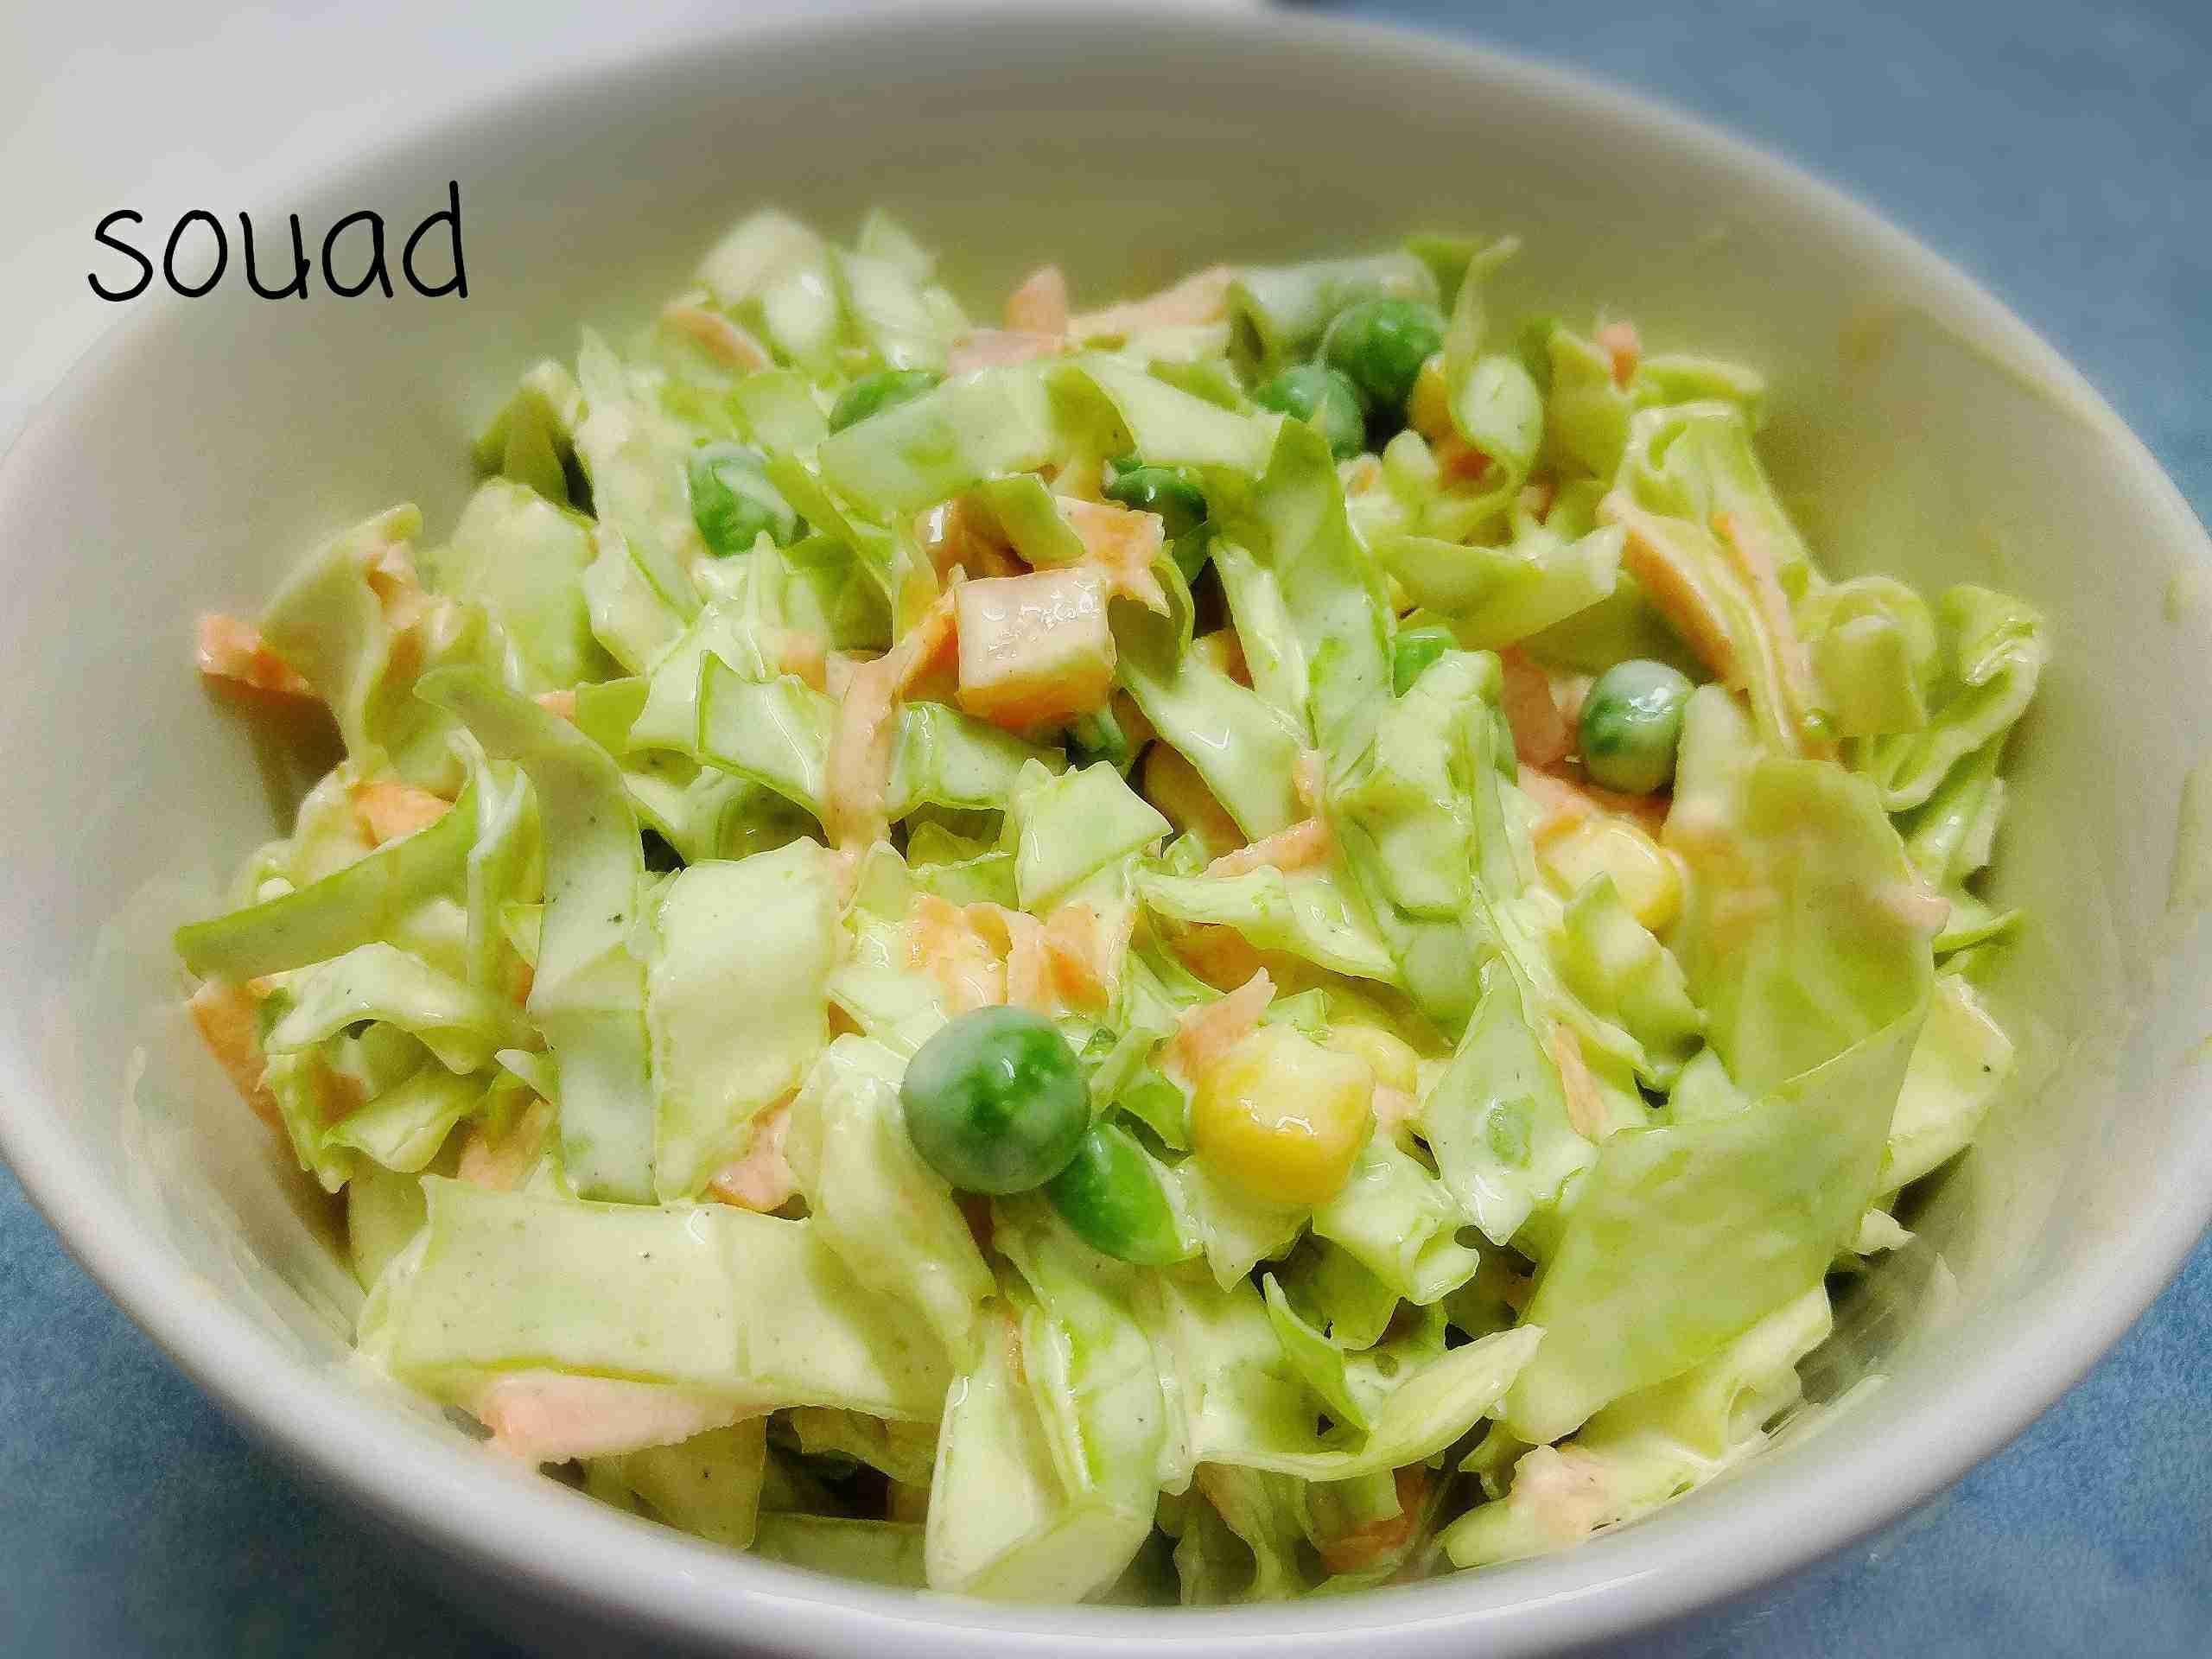 سلطة كول سلو من مطبخي ملكة السلطات زاكي Recipe Comfort Food Cooking Arabic Food